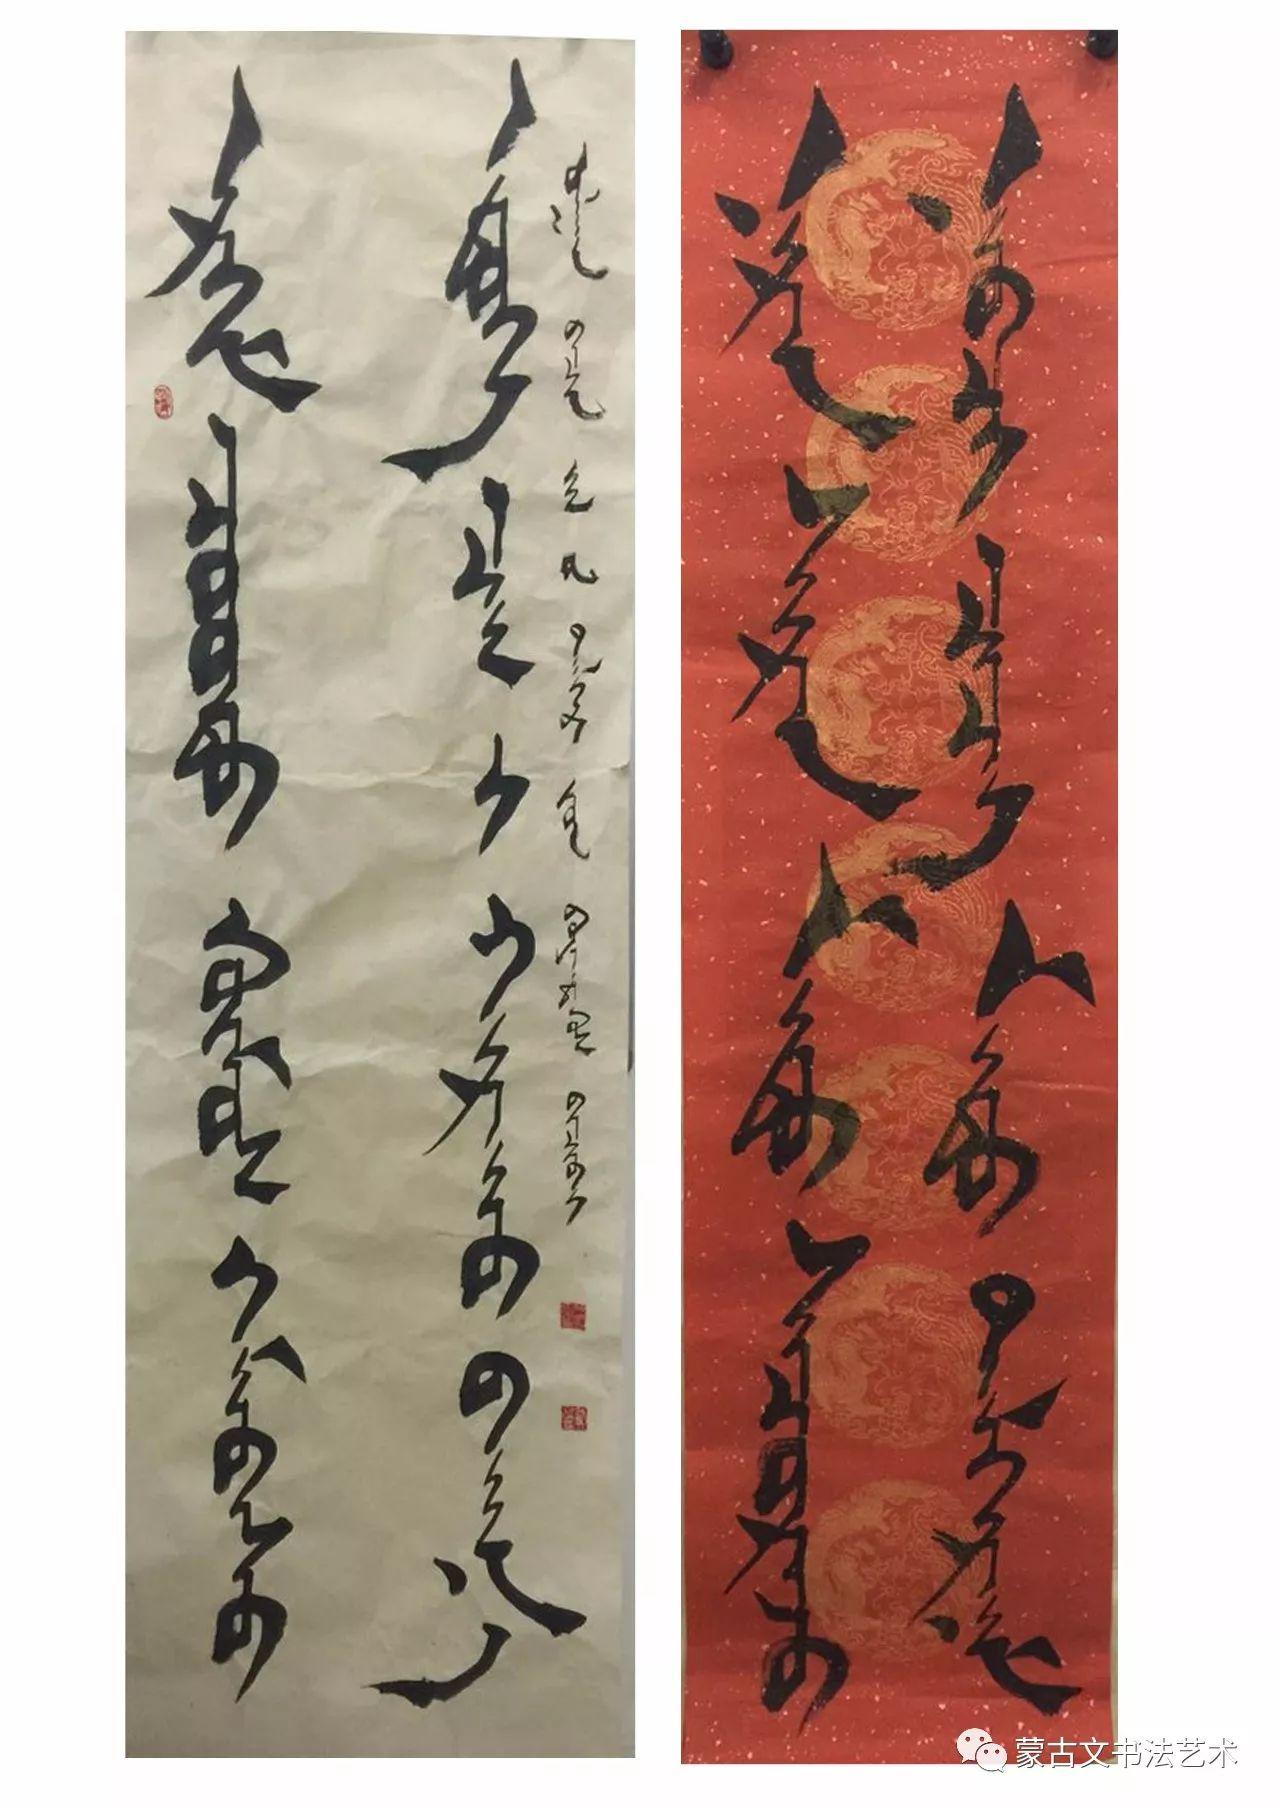 探索蒙古文书法之路-宝音特古斯 第3张 探索蒙古文书法之路-宝音特古斯 蒙古书法